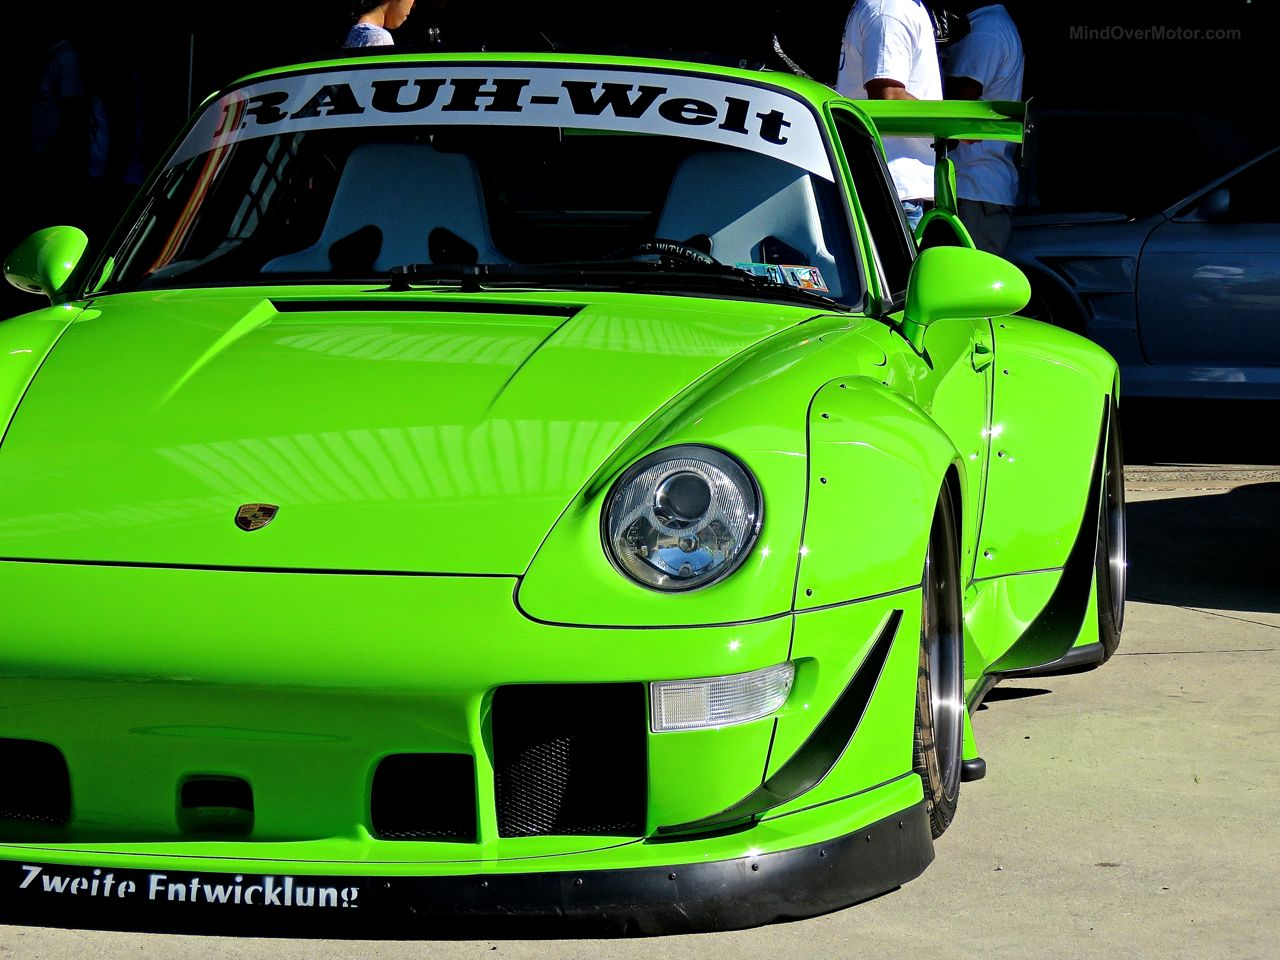 First Class Fitment Rauh-Welt Porsche